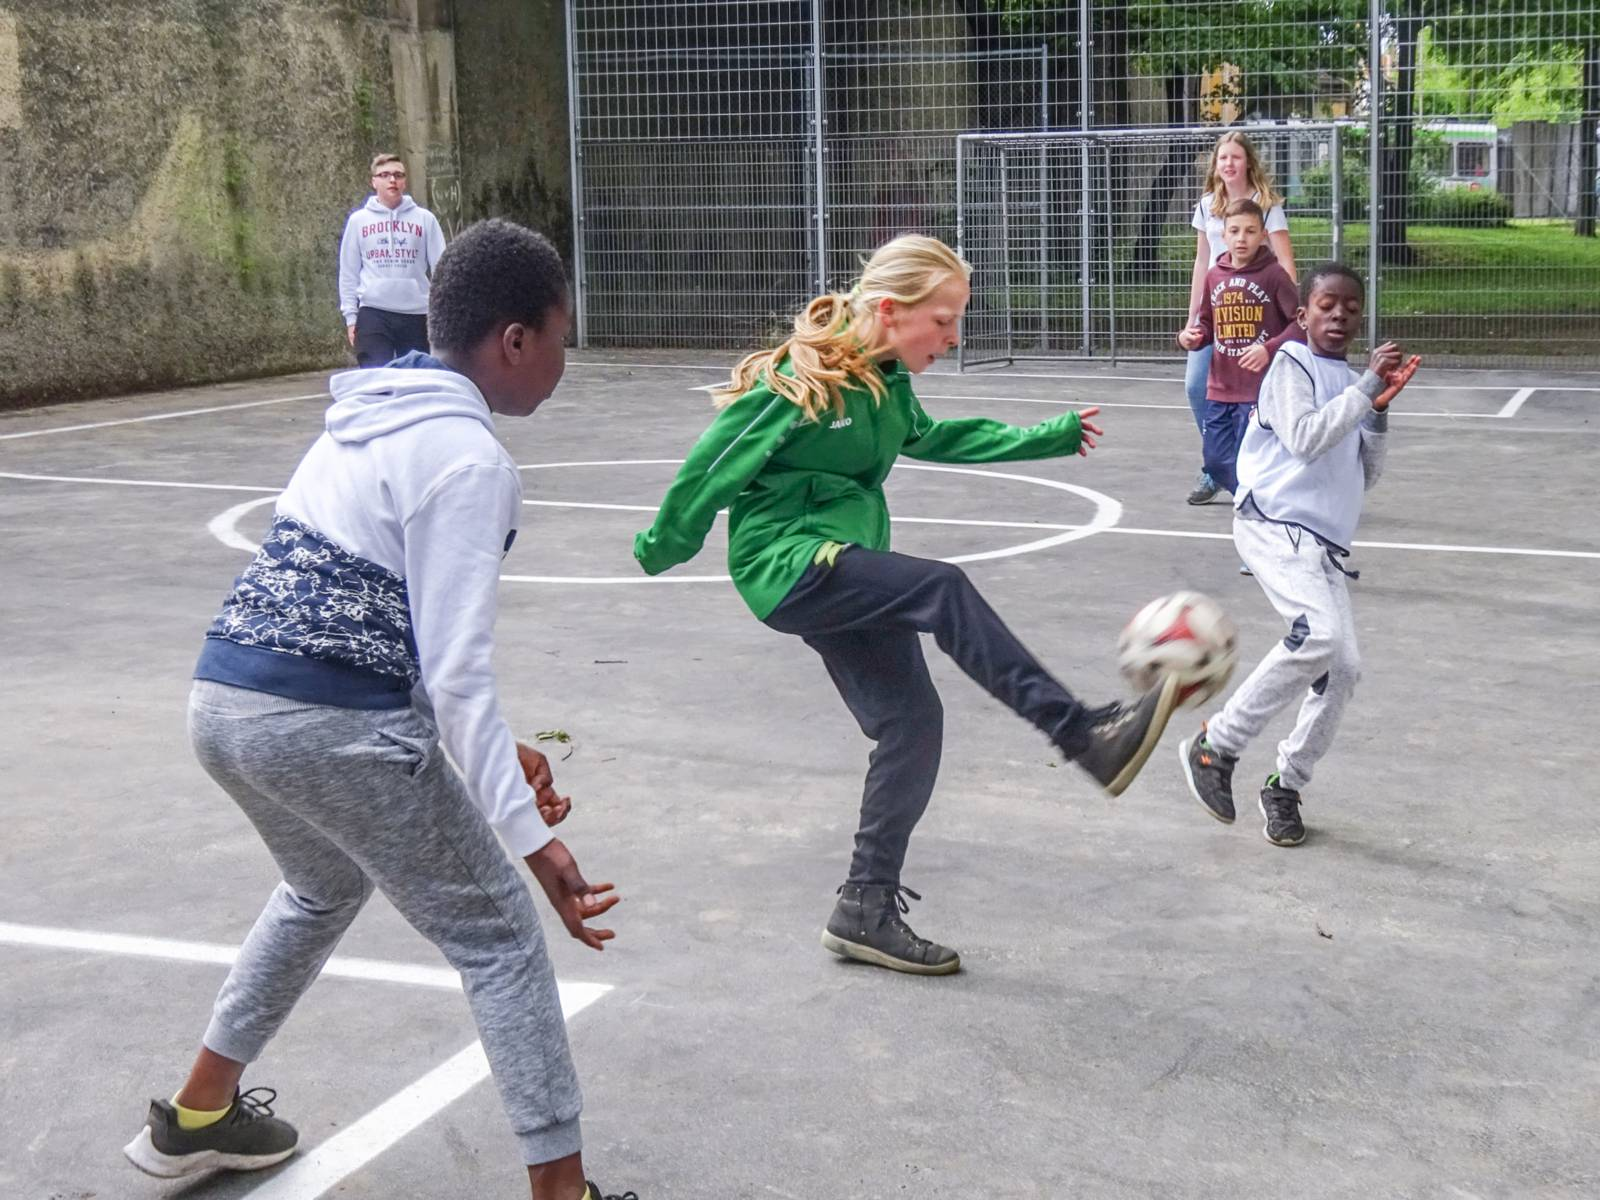 Kinder spielen Fußball auf einem Bolzplatz